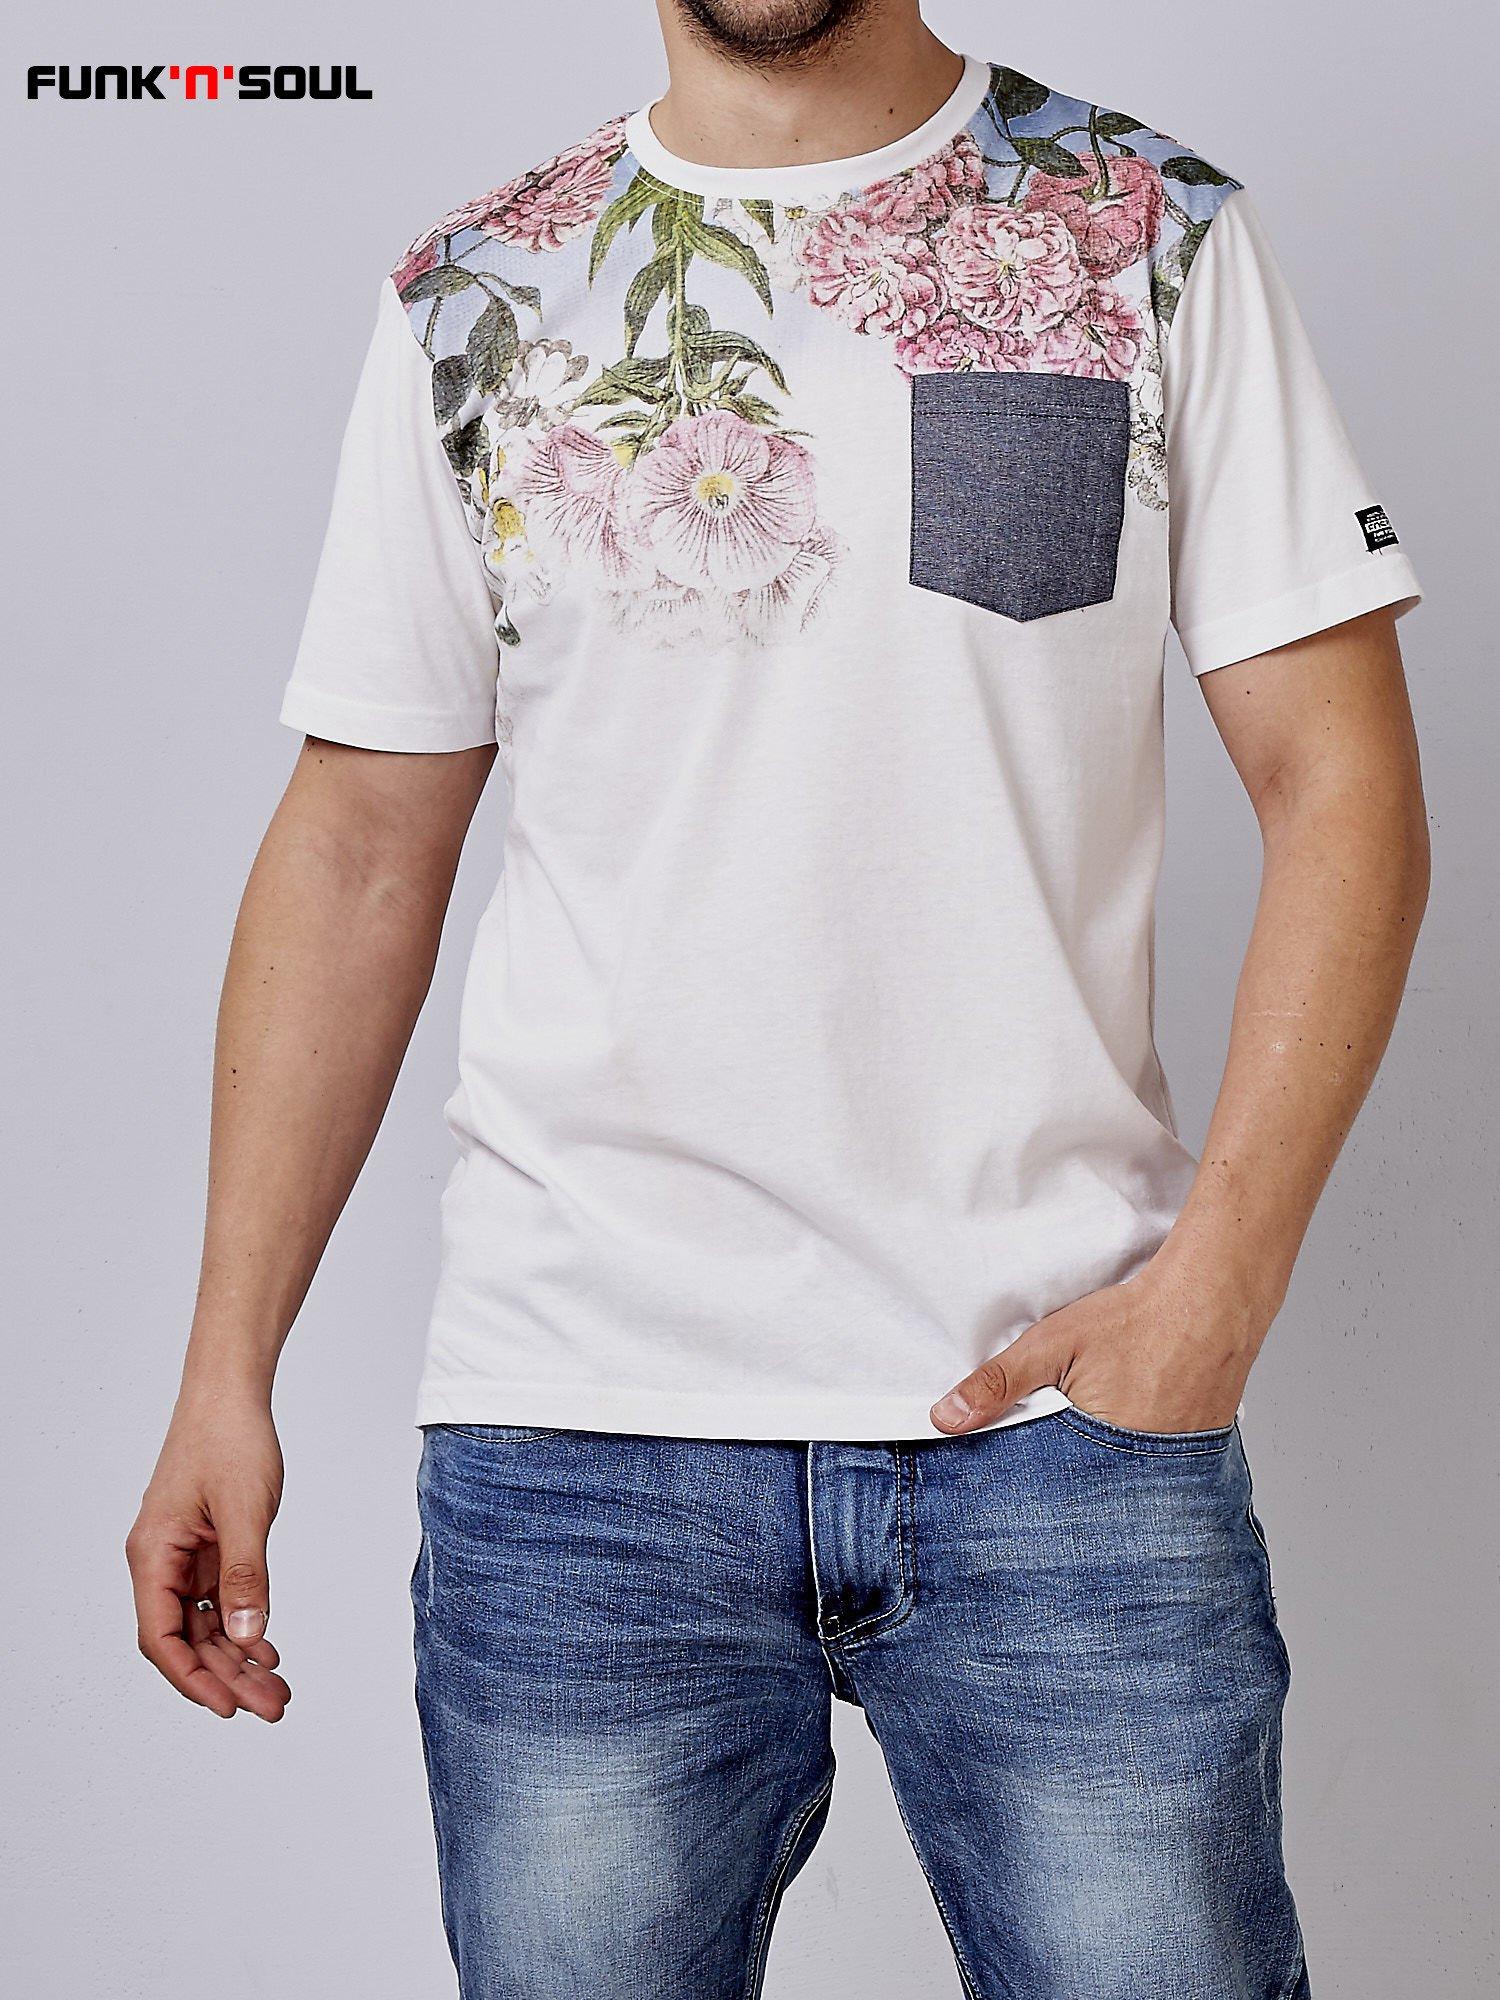 Biały t-shirt męski hipster w kwiaty Funk n Soul                                  zdj.                                  1